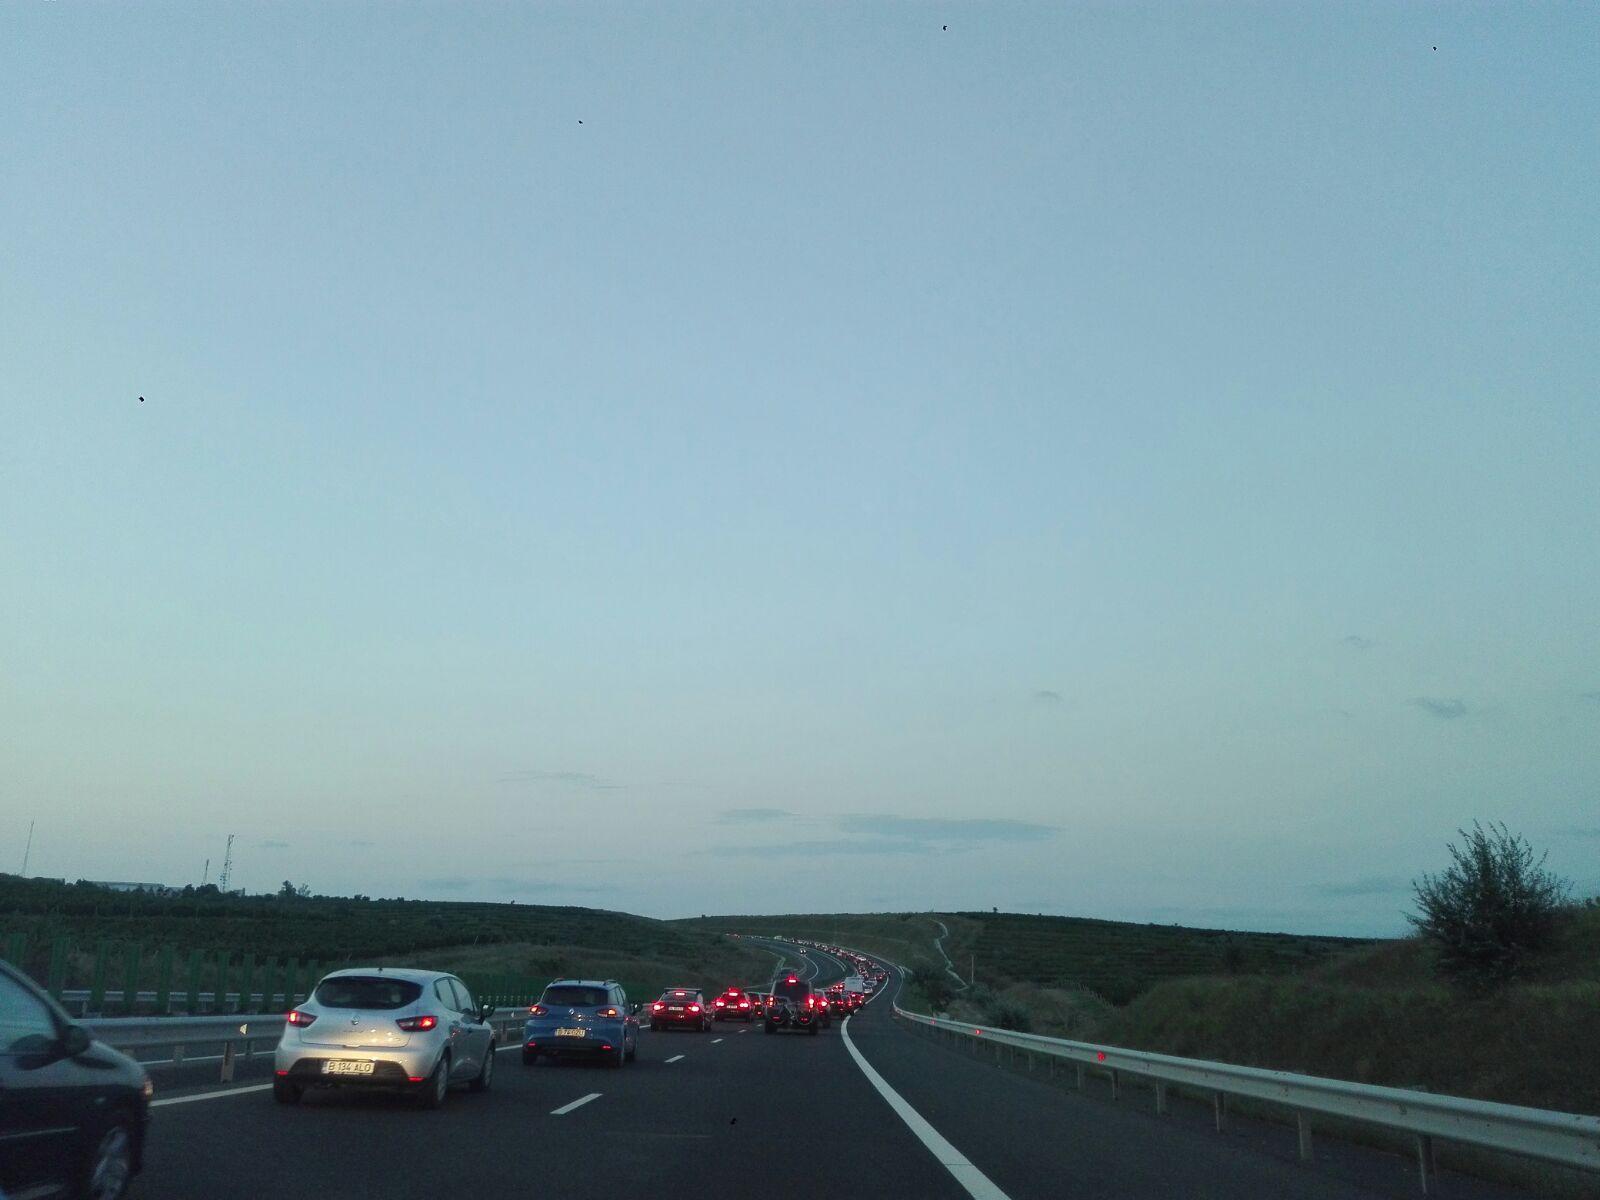 FOTO, VIDEO | Trafic îngreunat pe Autostrada Soarelui după un accident pe sensul Constanţa-Bucureşti